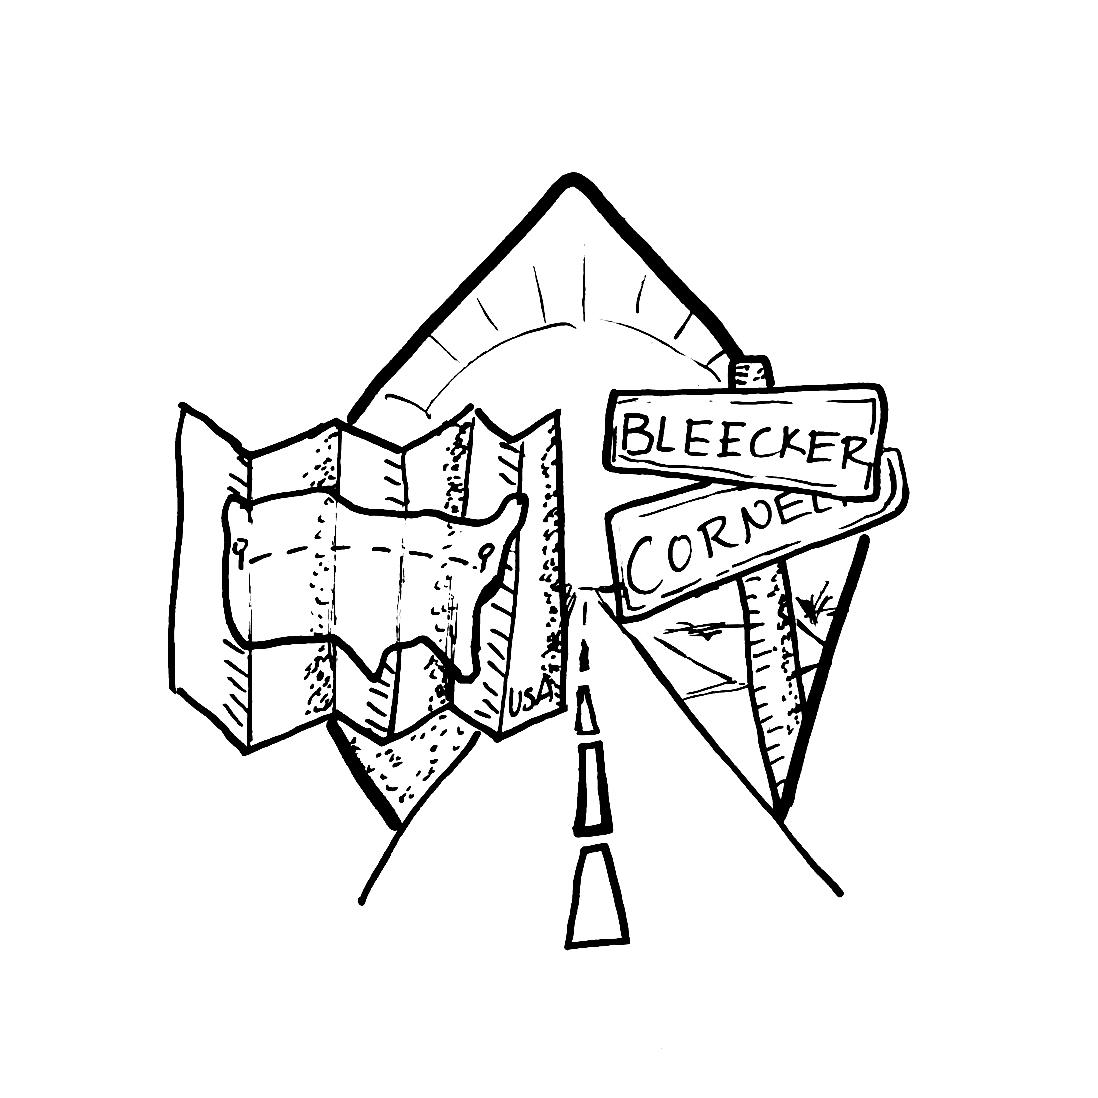 corenlia-sketch-portfolio.jpg